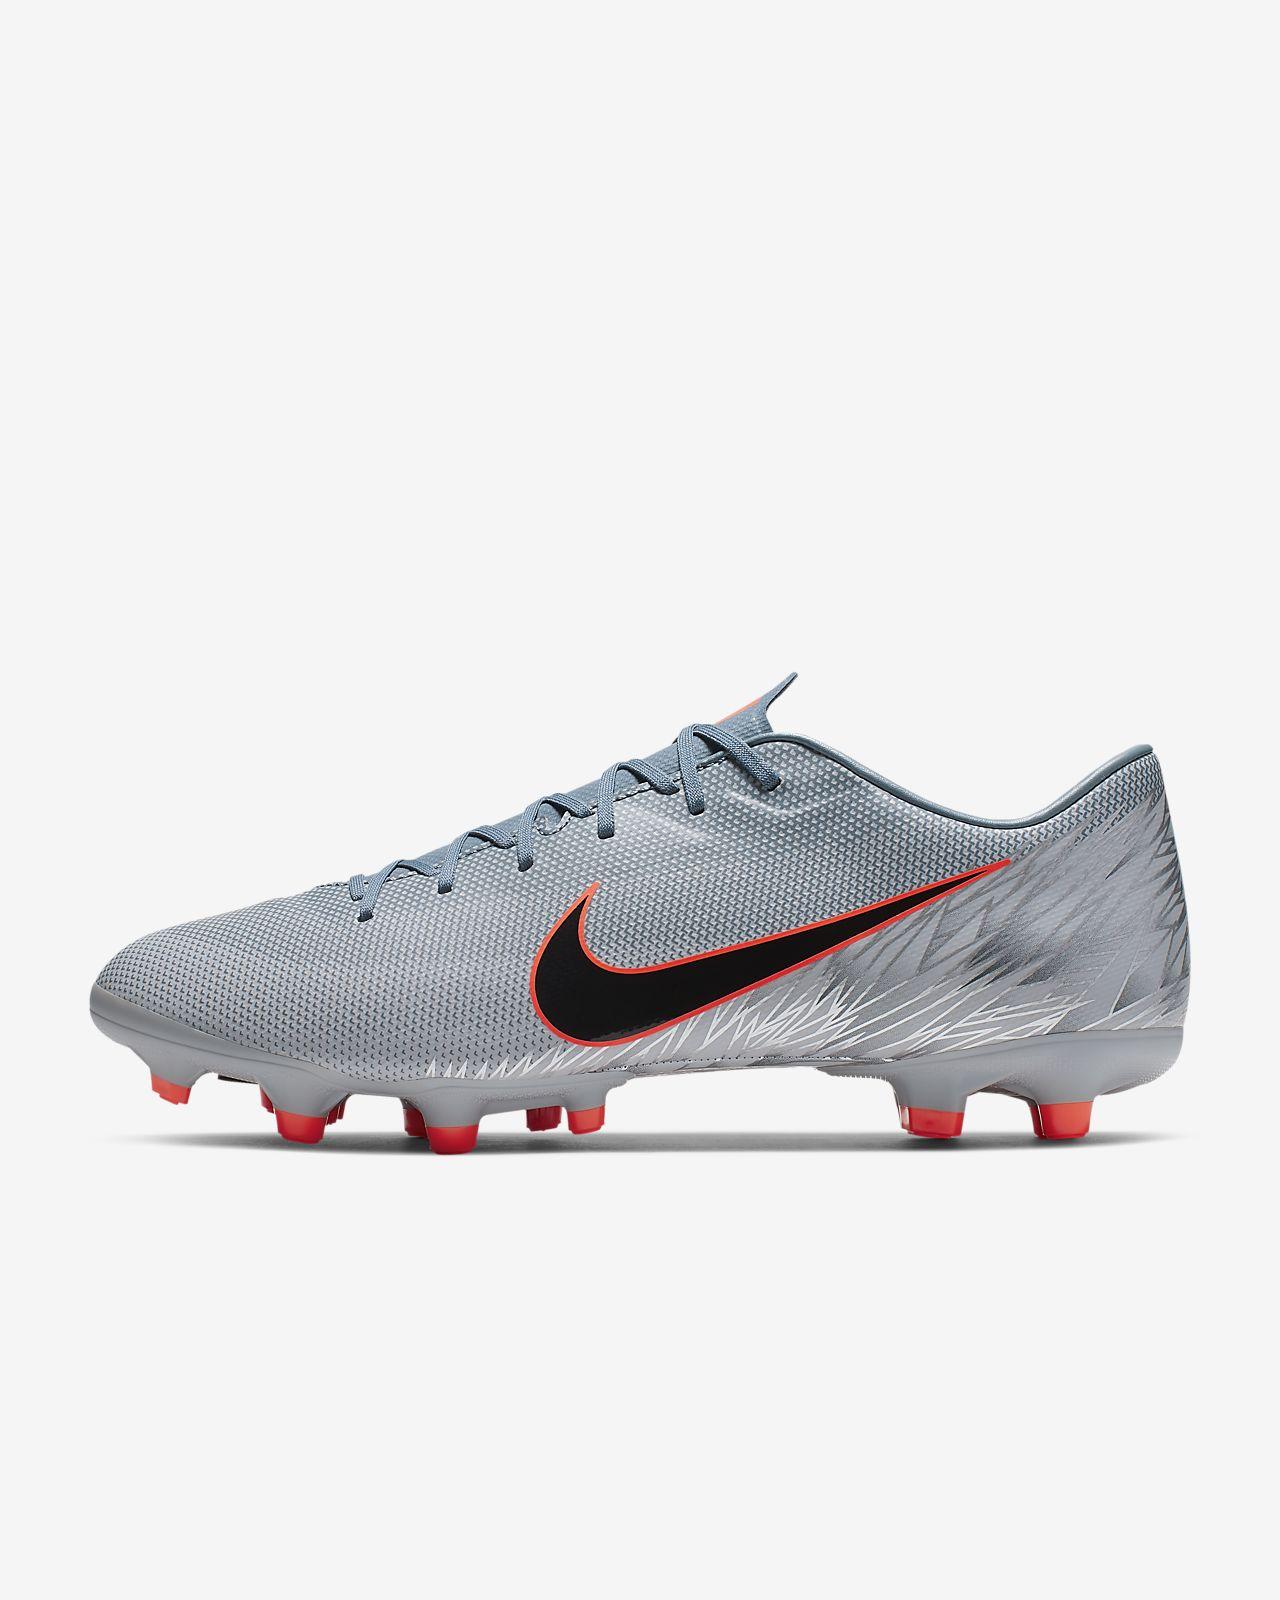 dcd356751 ... Calzado de fútbol para múltiples superficies Nike Vapor 12 Academy MG